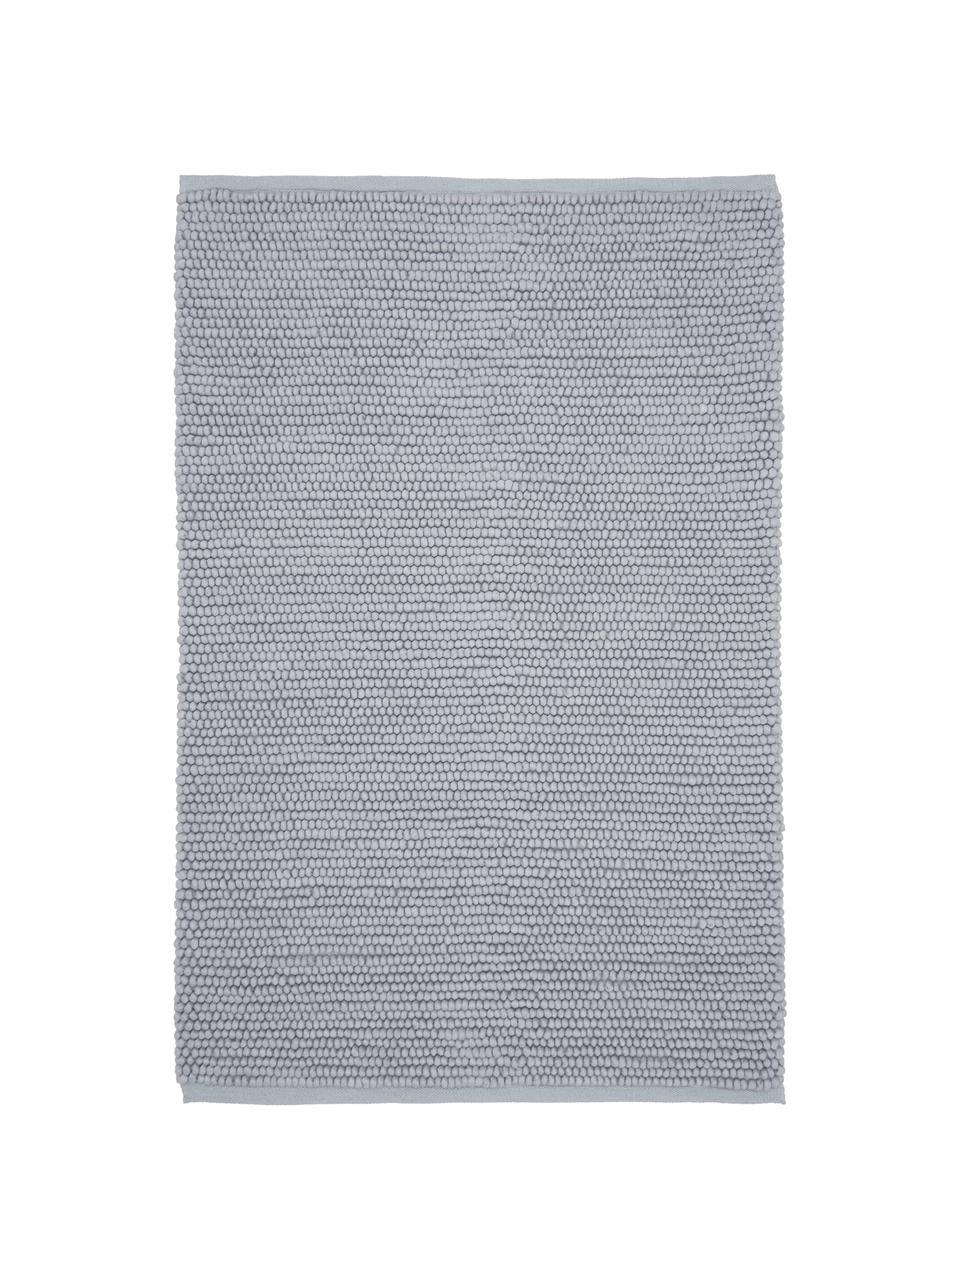 Wollteppich Pebble in Hellgrau, 80% Neuseeländische Wolle, 20% Nylon  Bei Wollteppichen können sich in den ersten Wochen der Nutzung Fasern lösen, dies reduziert sich durch den täglichen Gebrauch und die Flusenbildung geht zurück., Grau, B 80 x L 150 cm (Größe XS)